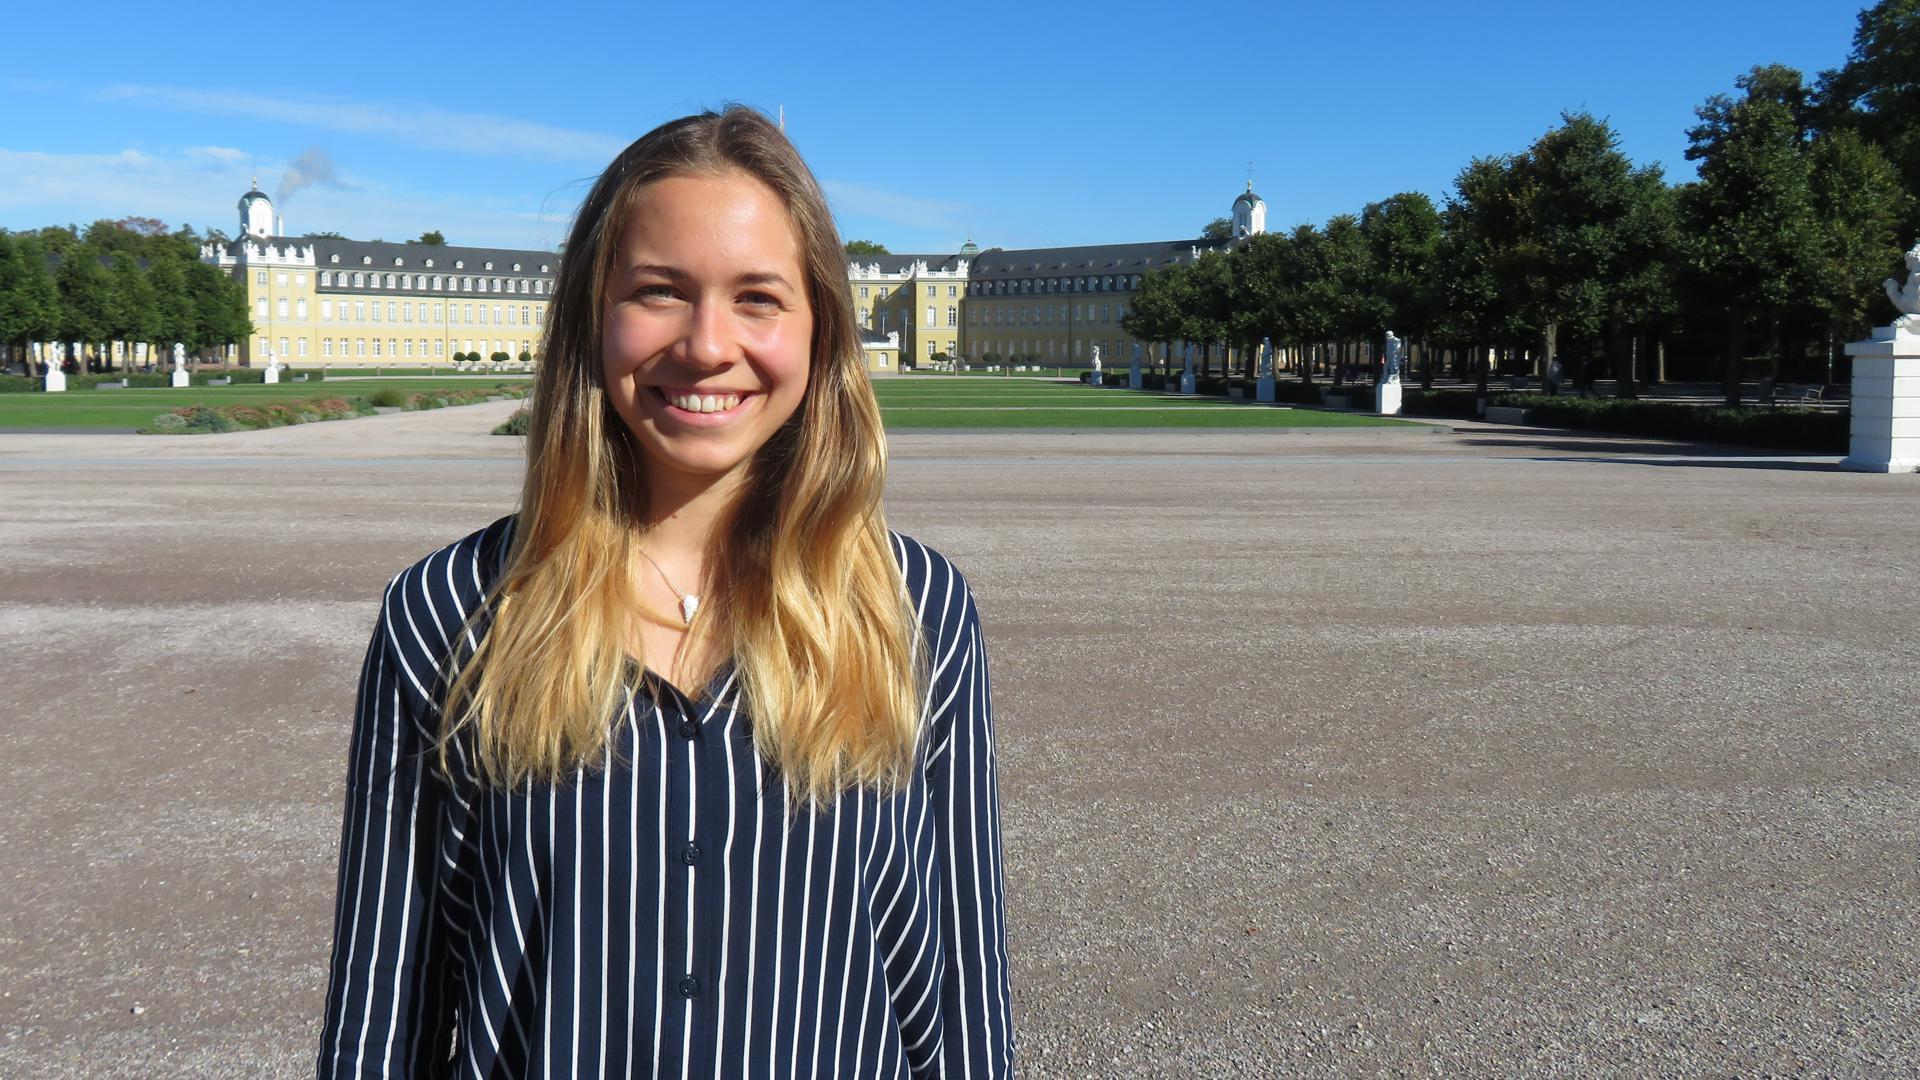 Grüner als die Grünen: Unzufrieden mit der Klimapolitik der Grünen ist die 19-jährige KIT-Studentin Sandra Overlack aus Rastatt. Darum engagiert sie sich im Vorstand der Klimaliste Baden-Württemberg, die bei der Landtagswahl im März antreten will.